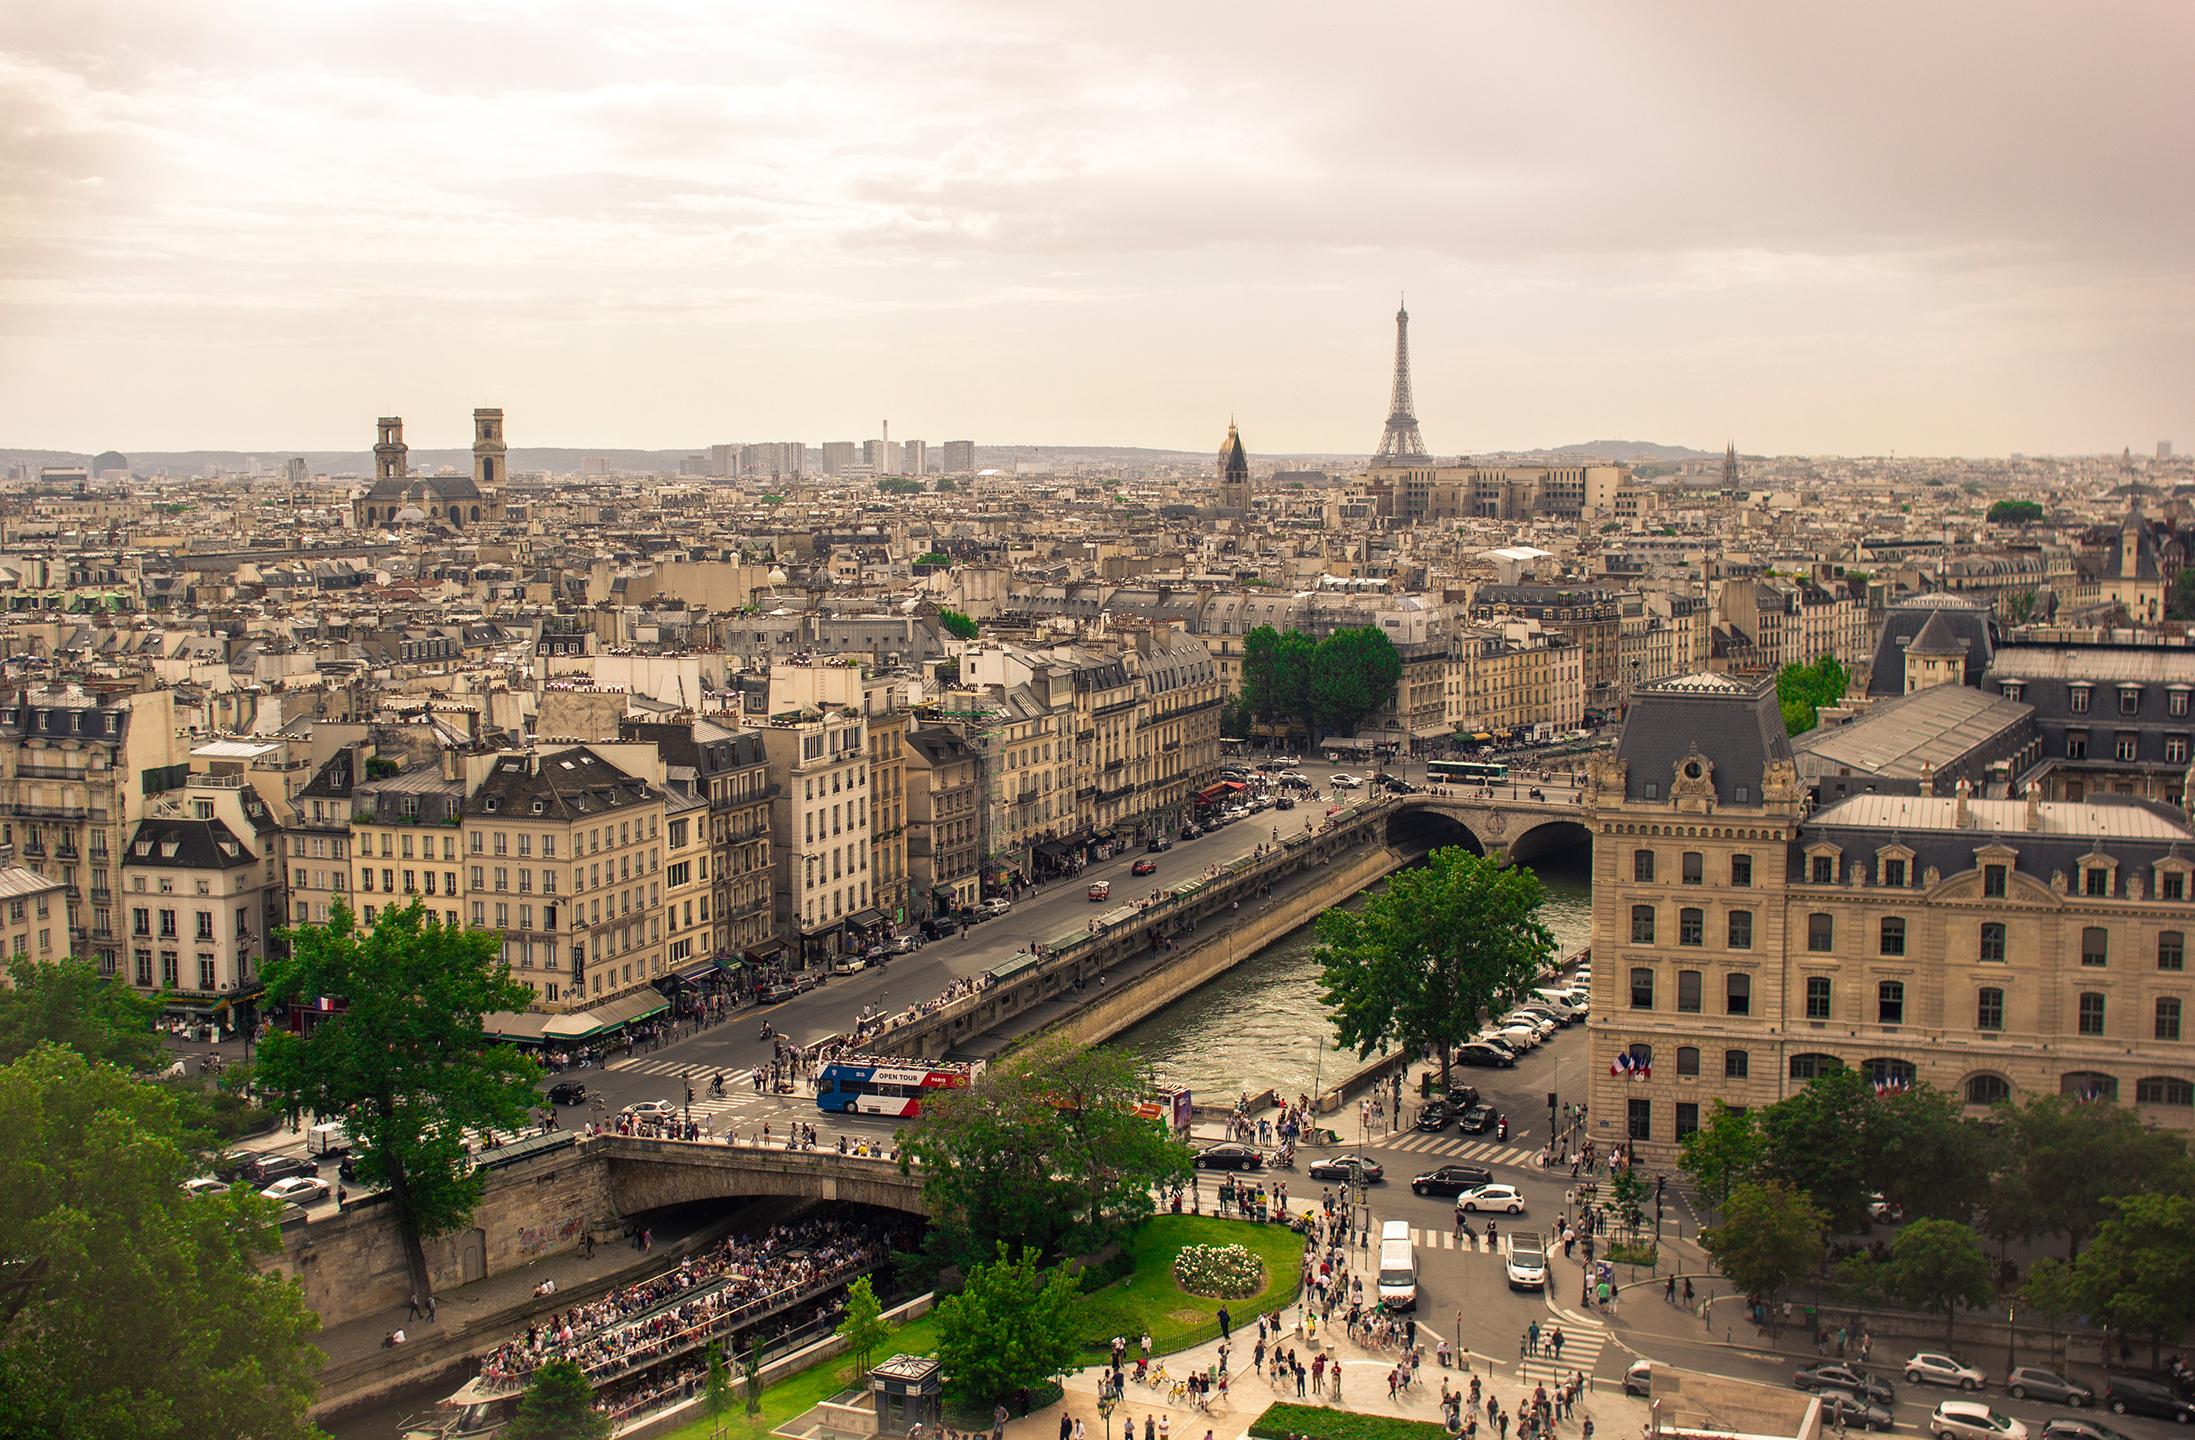 IMG_6828 - Paris City View.jpg